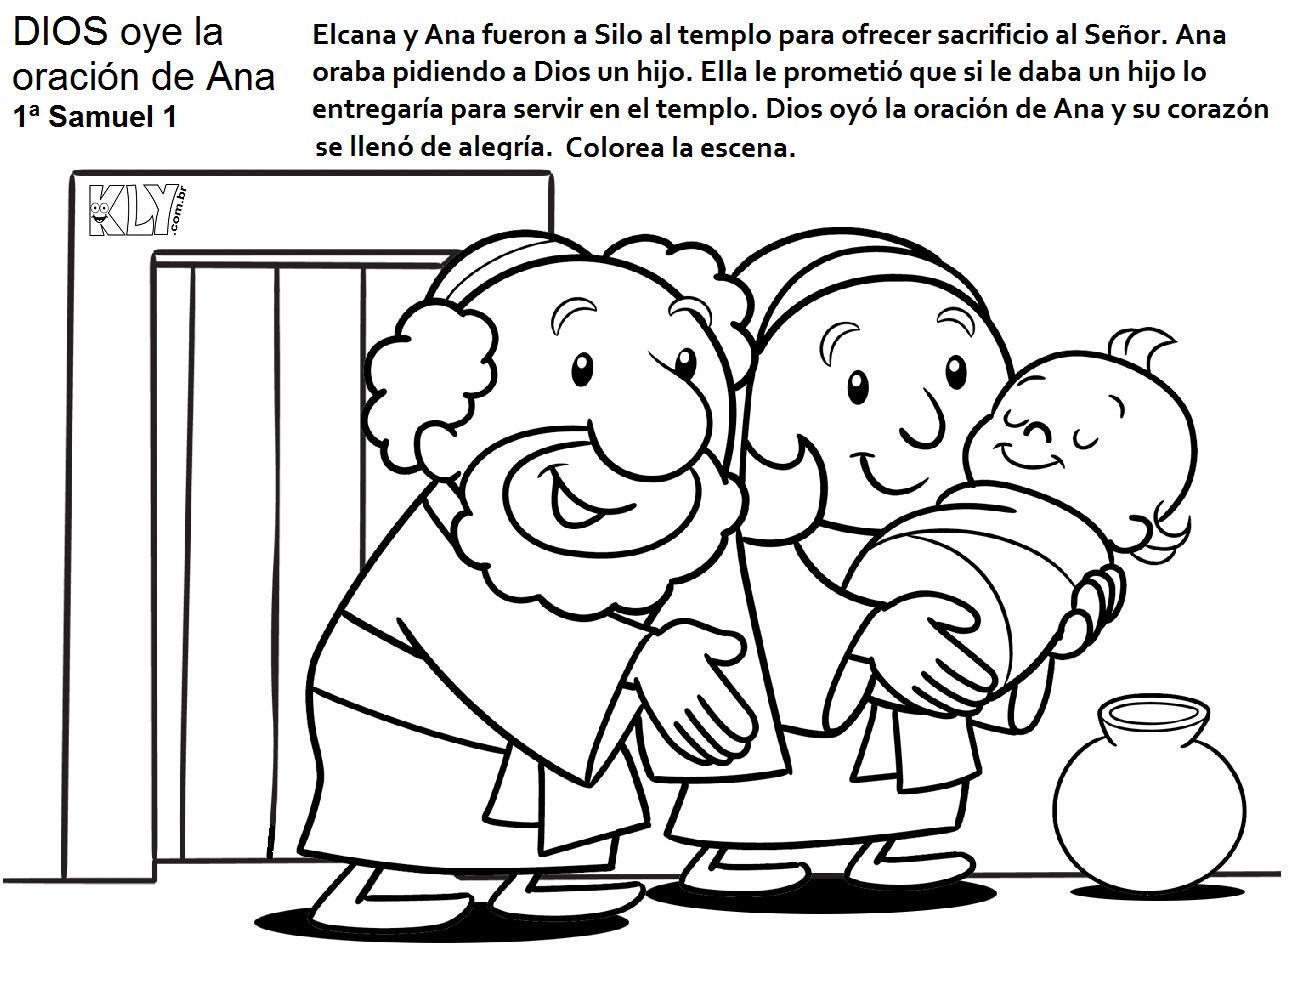 ELCANA Y ANA ENTREGAN A SAMUEL EN EL TEMPLO SAMUEL UNGE A